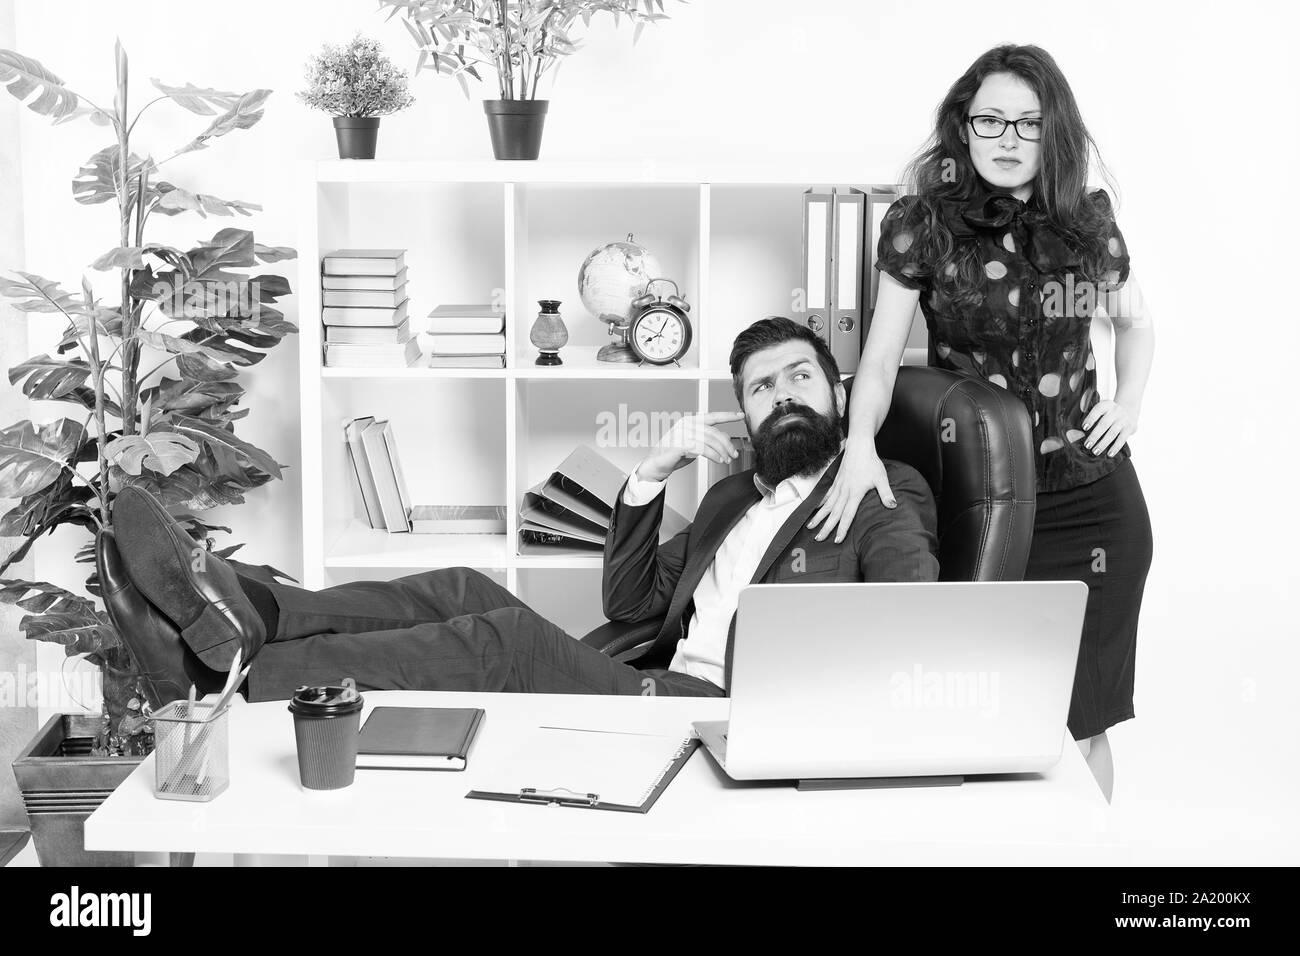 Bureau patron paresseux. Offrir un massage. Hipster barbu homme patron s'asseoir dans un fauteuil en cuir de l'intérieur du bureau. Patron et secrétaire girl au lieu de travail. Relations au travail. Les gens d'affaires et le personnel du concept. Banque D'Images